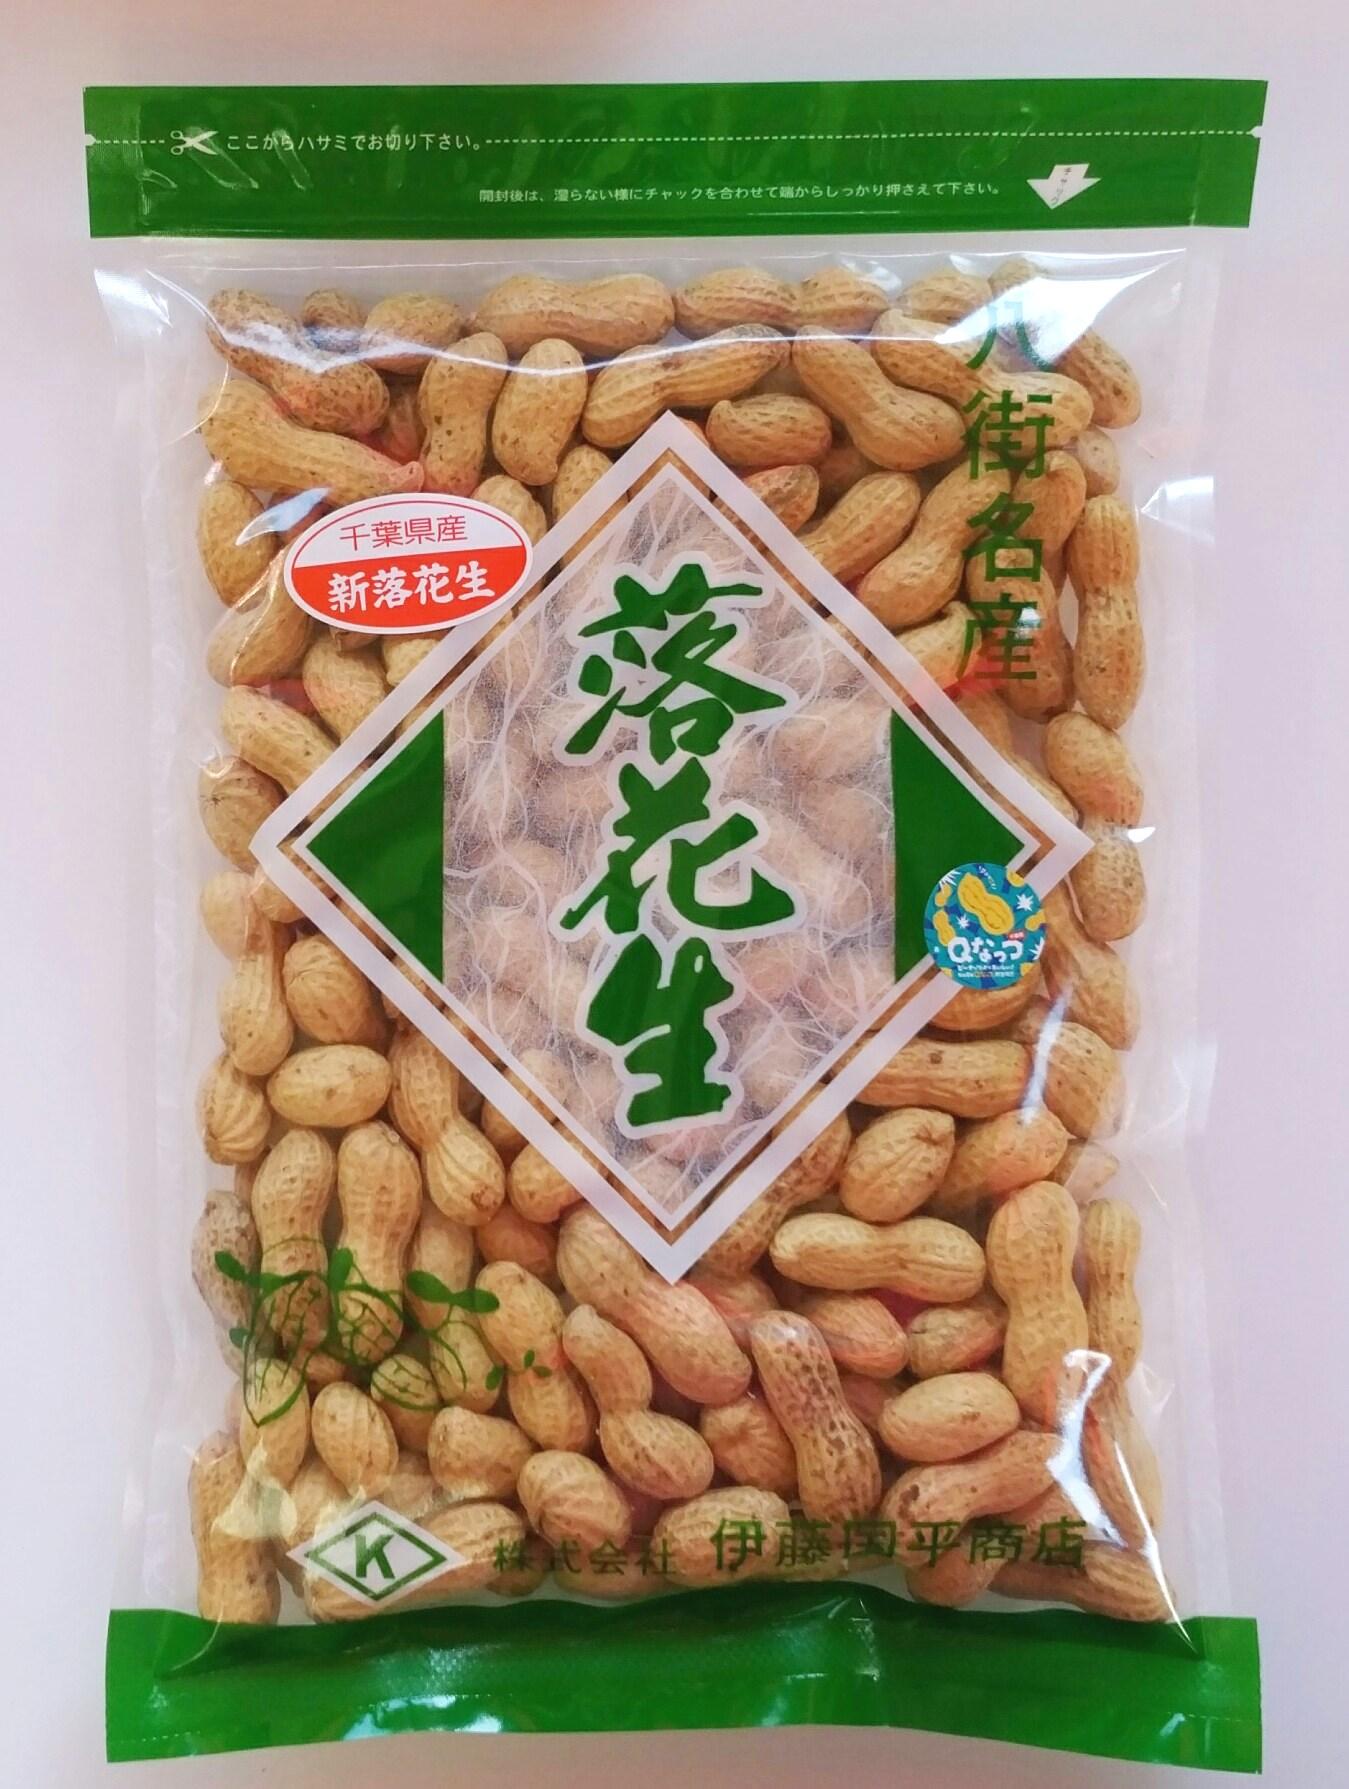 【NEW】平成30年度産新豆 殻つき落花生 「Qなっつ」  310g